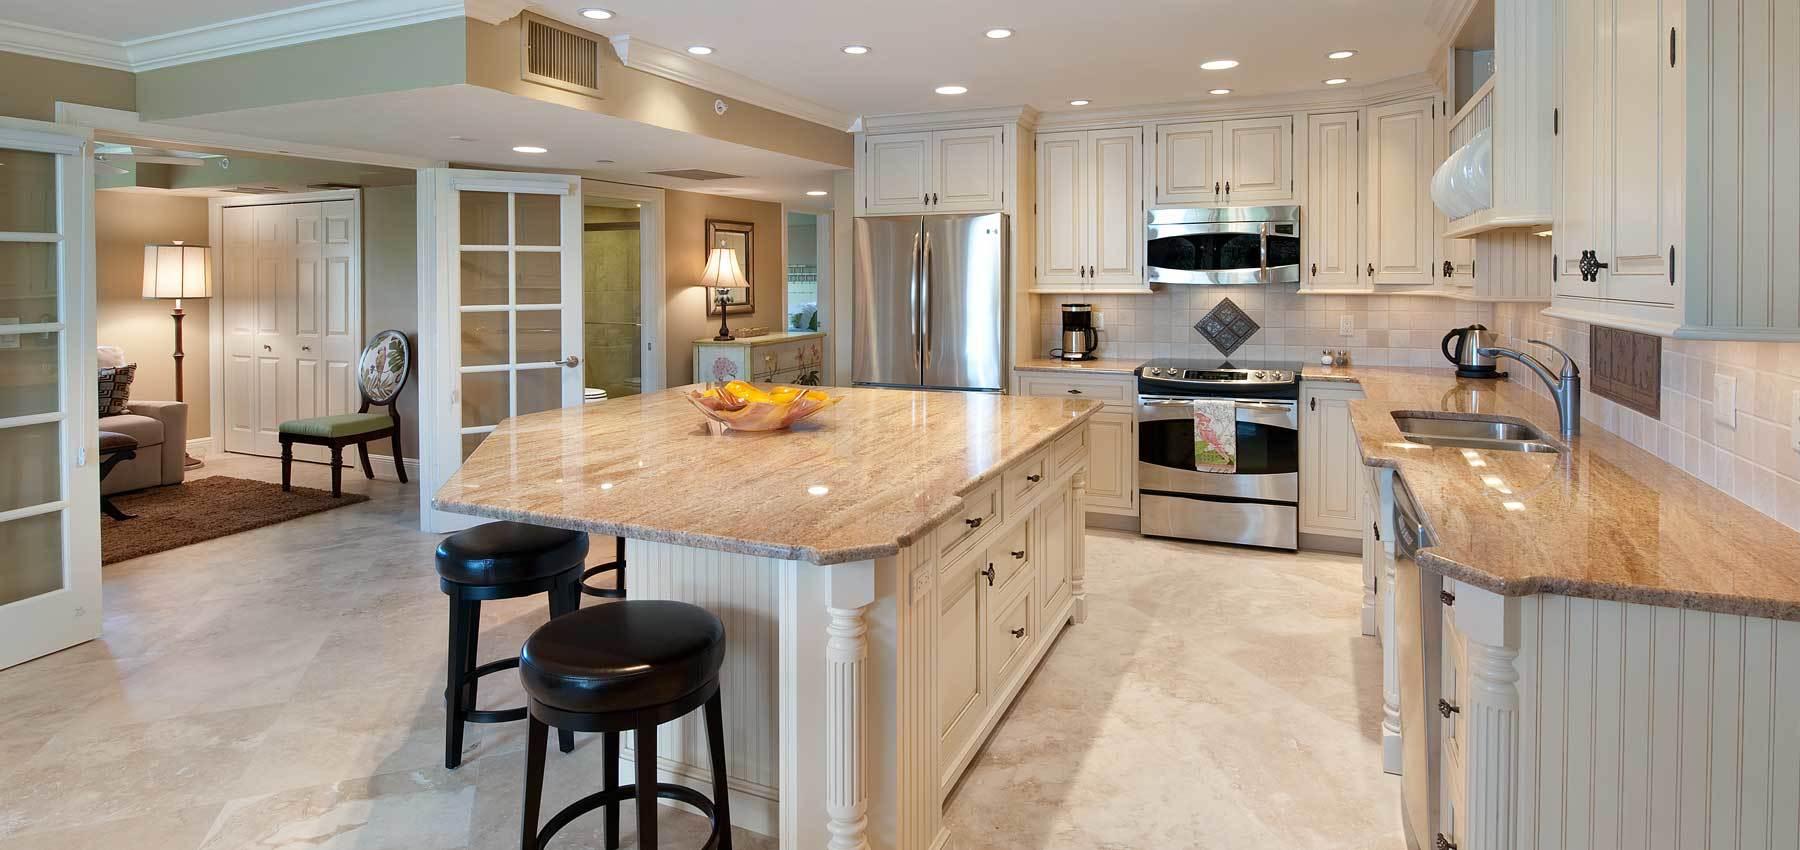 kgtremodeling kitchen remodels KITCHEN REMODEL IN NAPLES FLORIDA